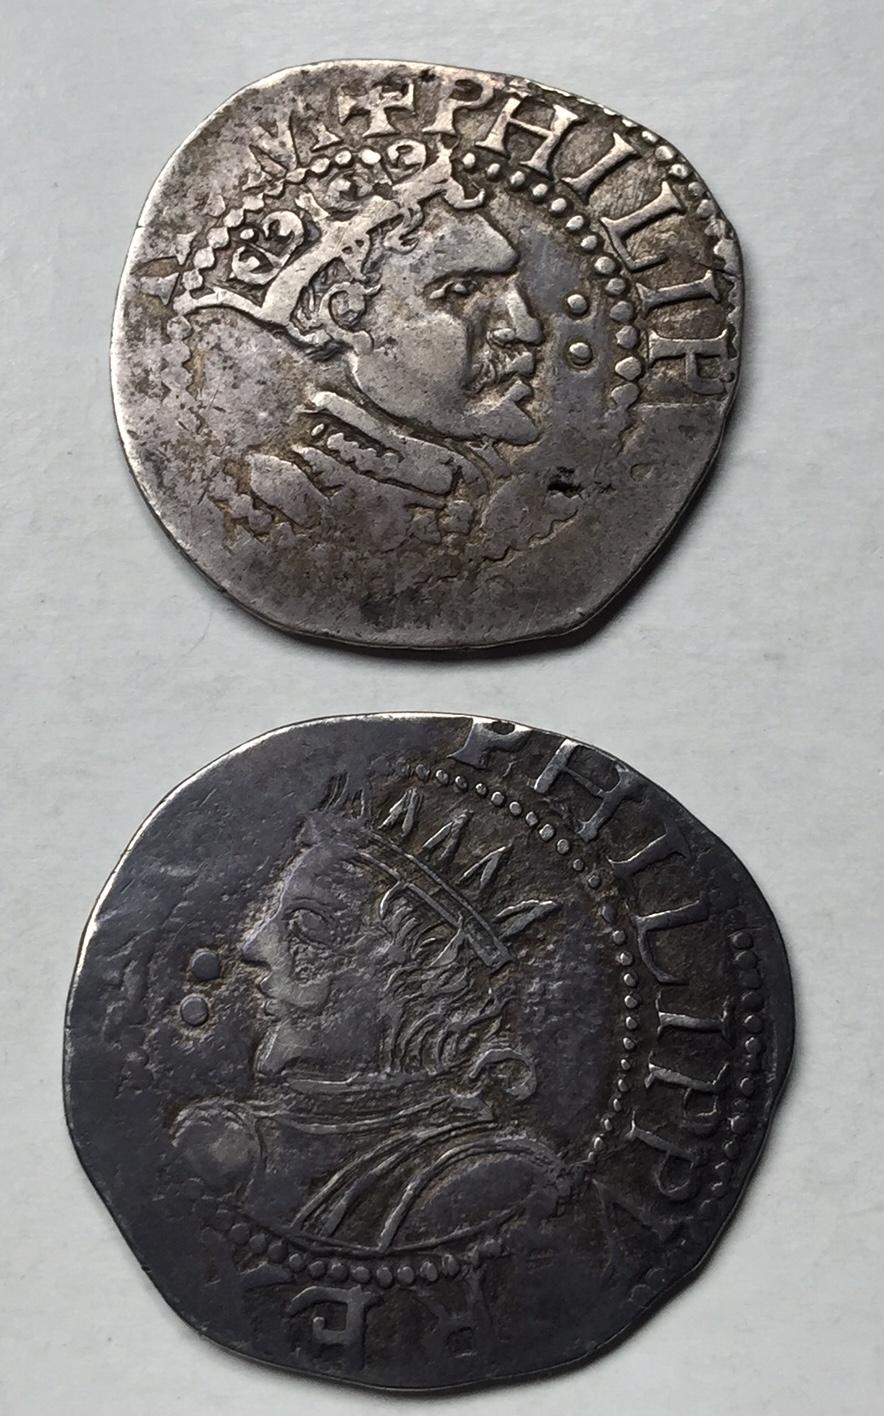 2 reales de Mallorca de Felipe IV (III). Full_Size_Render_15